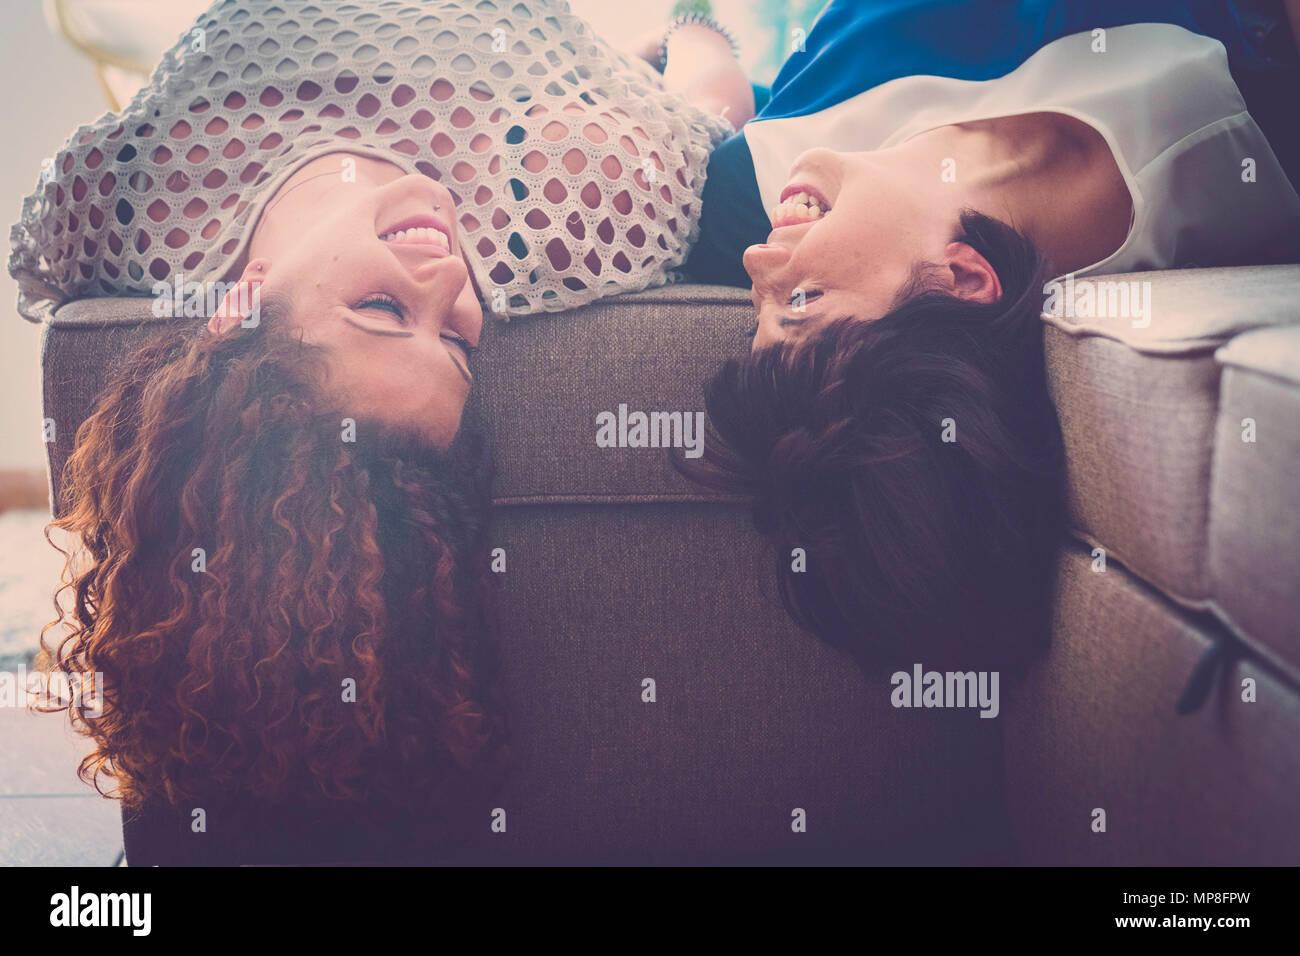 Happy Time avec plaisir pour un couple de jeune femme en riant et souriant à la maison s'étendit sur le canapé. Meilleurs amis pour toujours avec concept secrets. Photo Stock